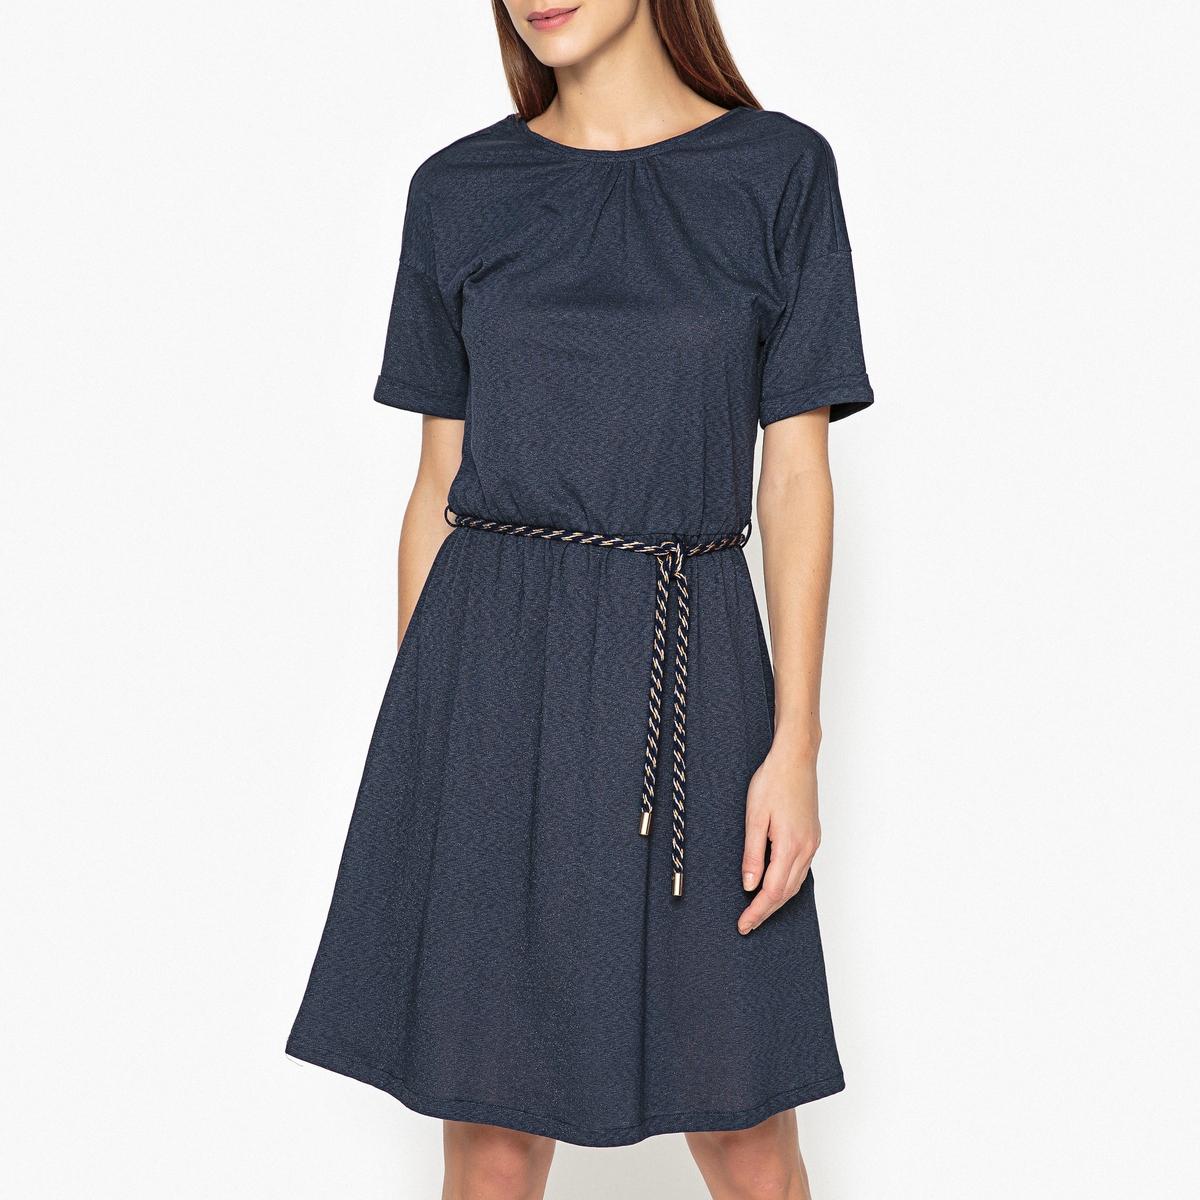 Платье короткое блестящее LULUОписание:Короткое блестящее платье SESSUN - модель LULU из блестящей ткани и с двухцветным поясом на завязках, красивый V-образный вырез сзади.Детали  •  Форма : расклешенная   •  Укороченная модель •  Короткие рукава    •  Круглый вырезСостав и уход  •  45% вискозы, 50% хлопка, 5% полиэстера •  Следуйте рекомендациям по уходу, указанным на этикетке изделия<br><br>Цвет: темно-синий